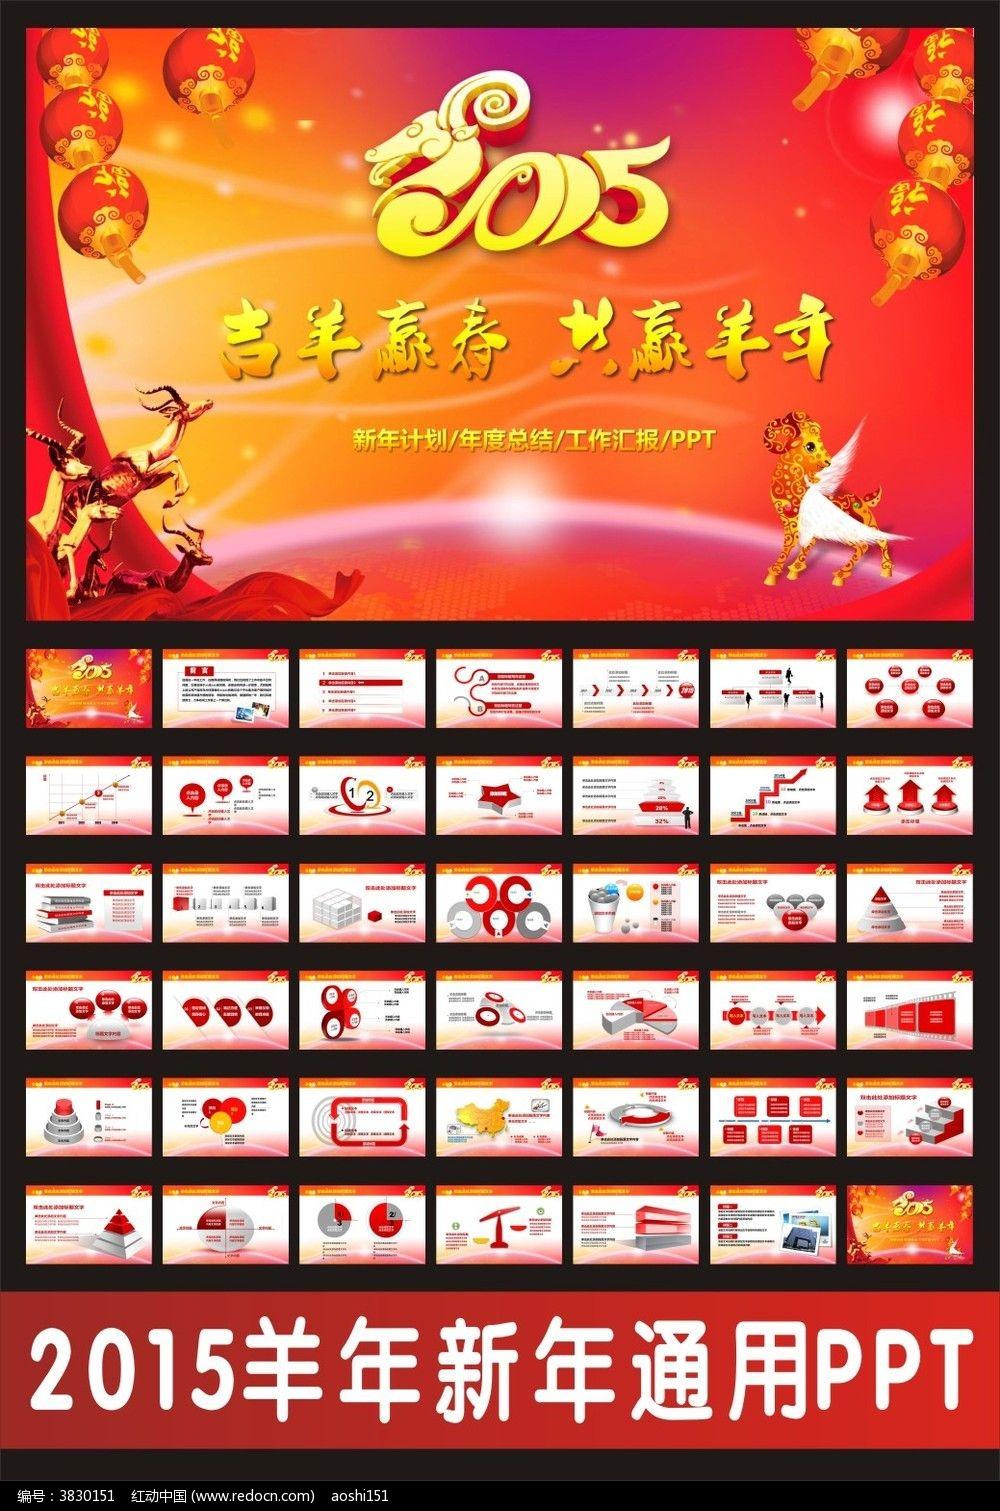 2015羊年春节年会 ppt ppt模板 ppt背景 图片